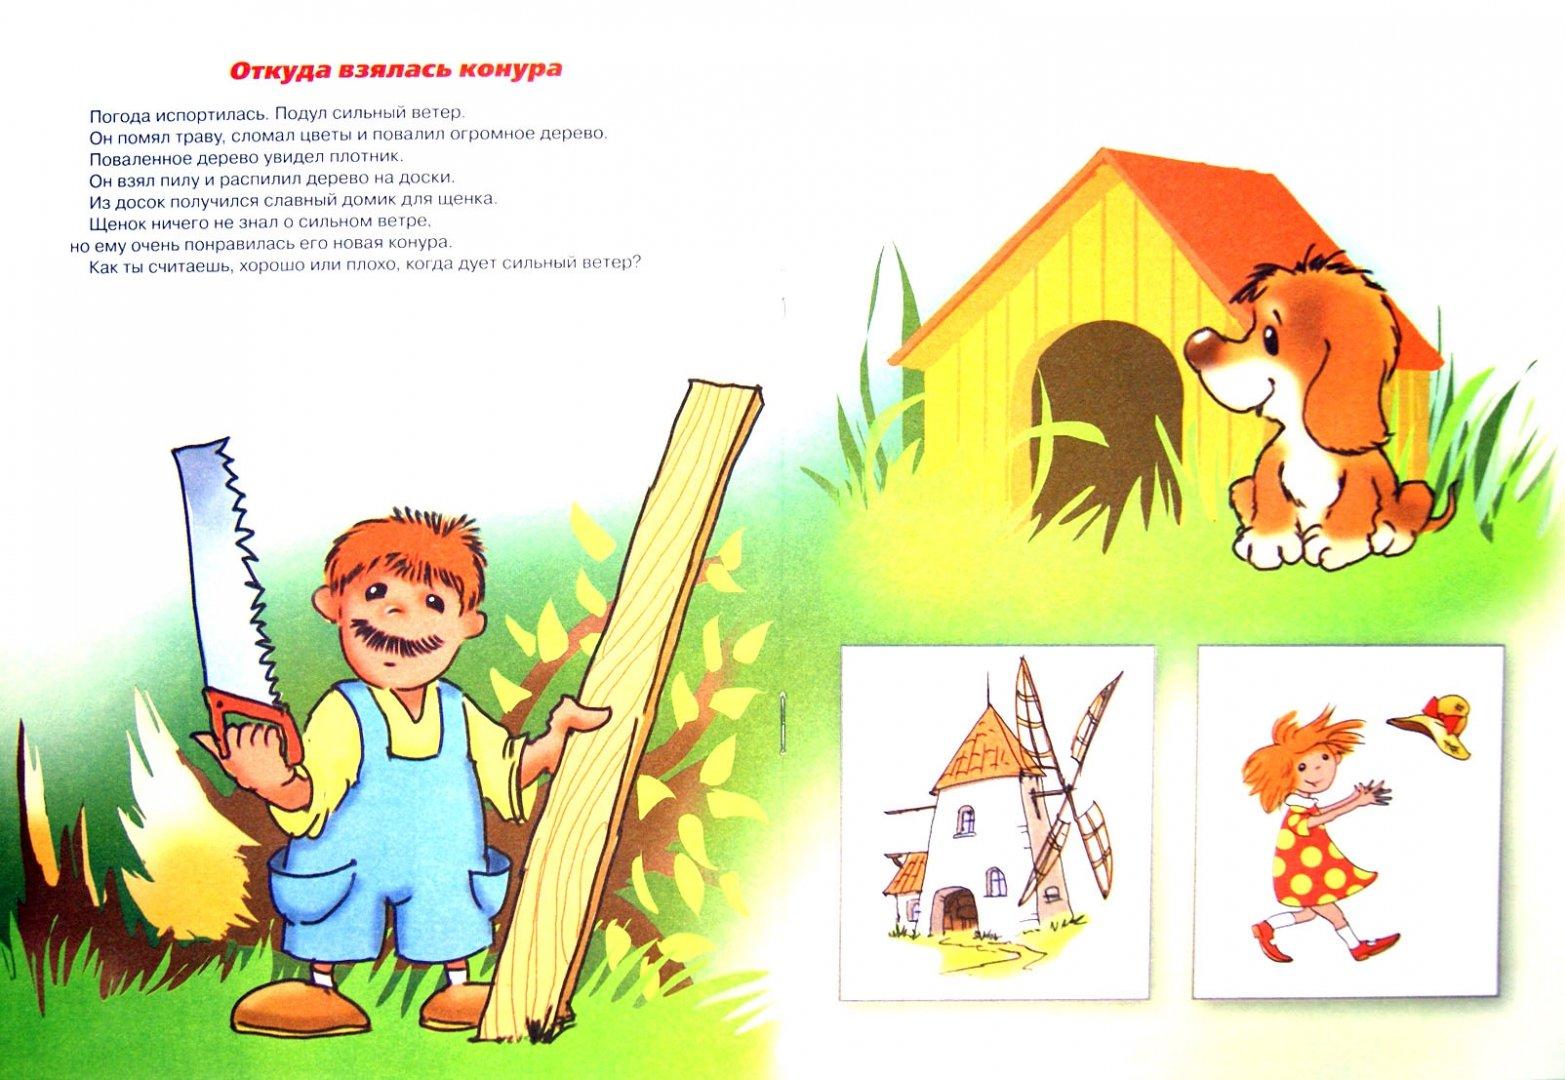 Иллюстрация 1 из 4 для Хорошо или плохо - Т. Куликовская | Лабиринт - книги. Источник: Лабиринт